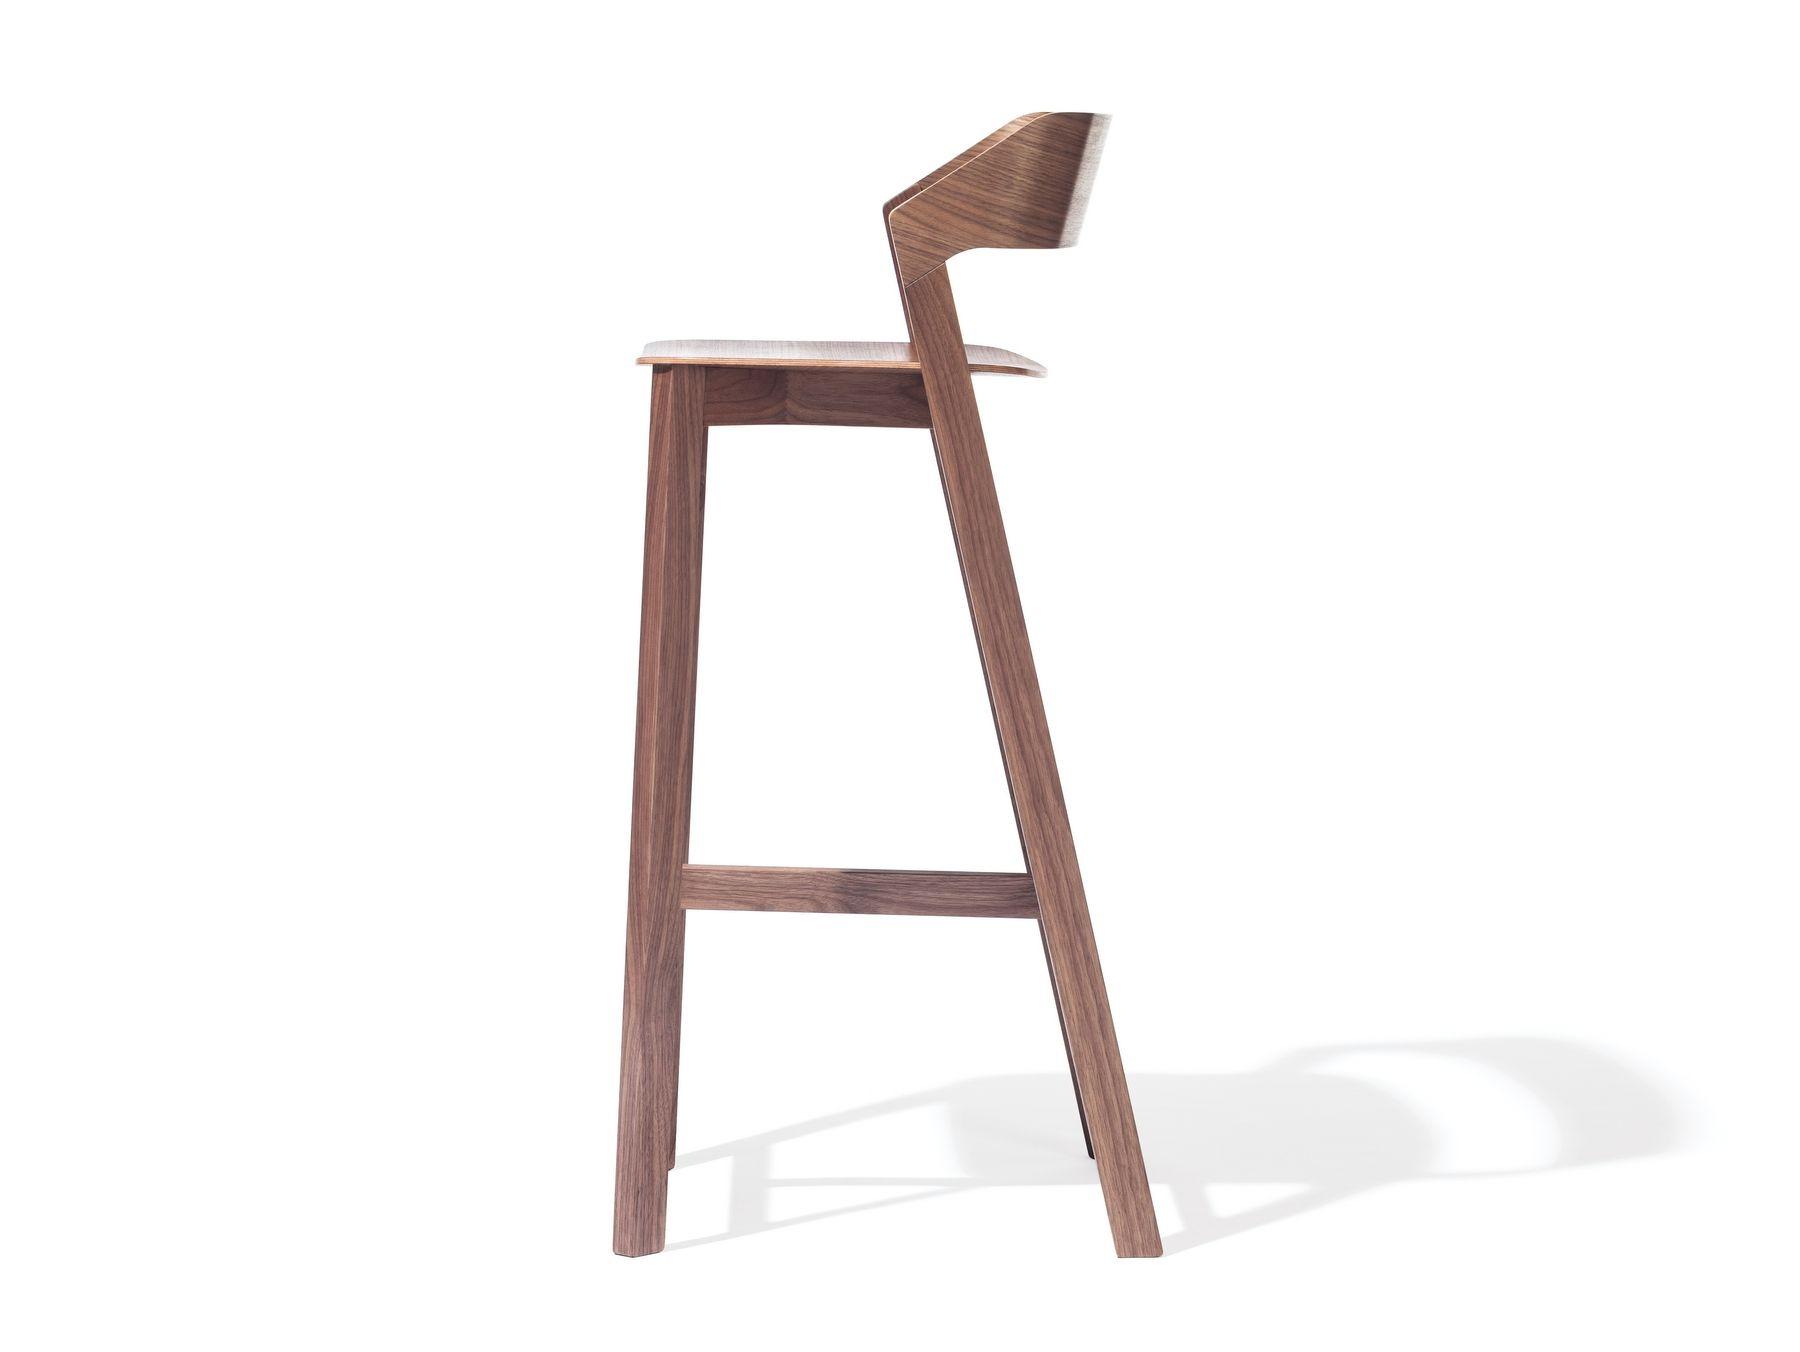 Silla alta de madera maciza con reposapis MERANO